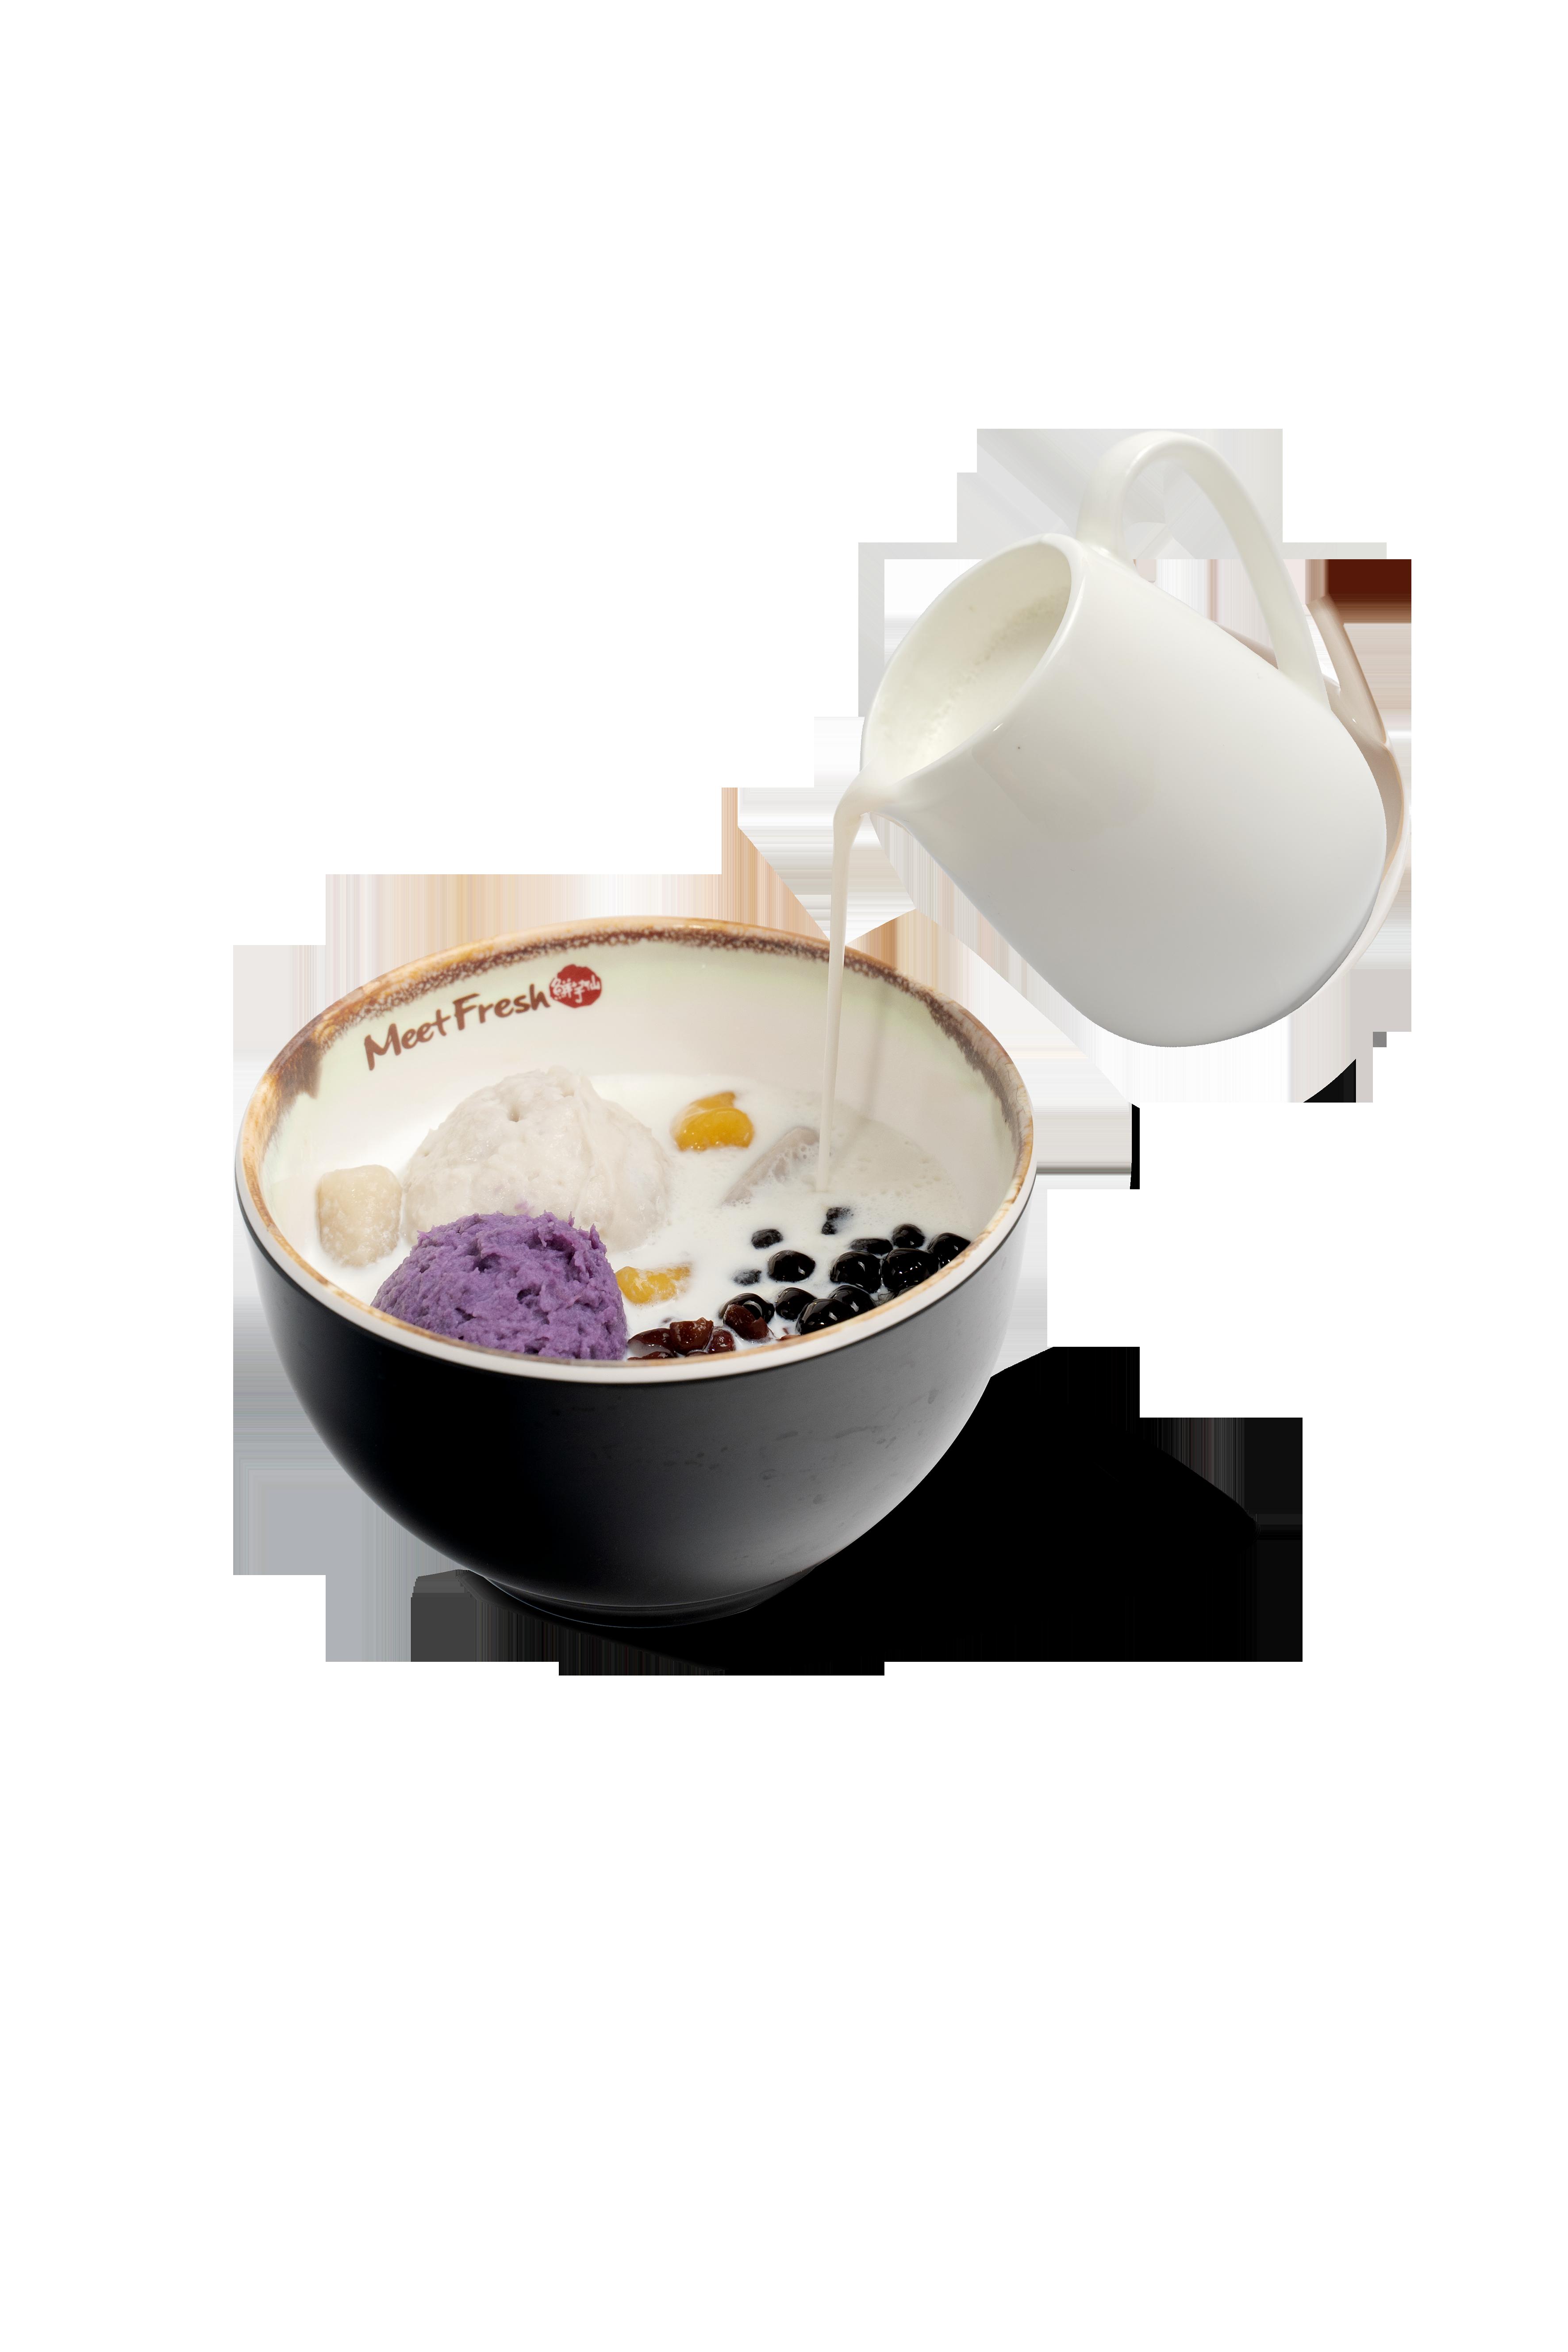 芋球芋圆芋泥厚奶-厚奶系列